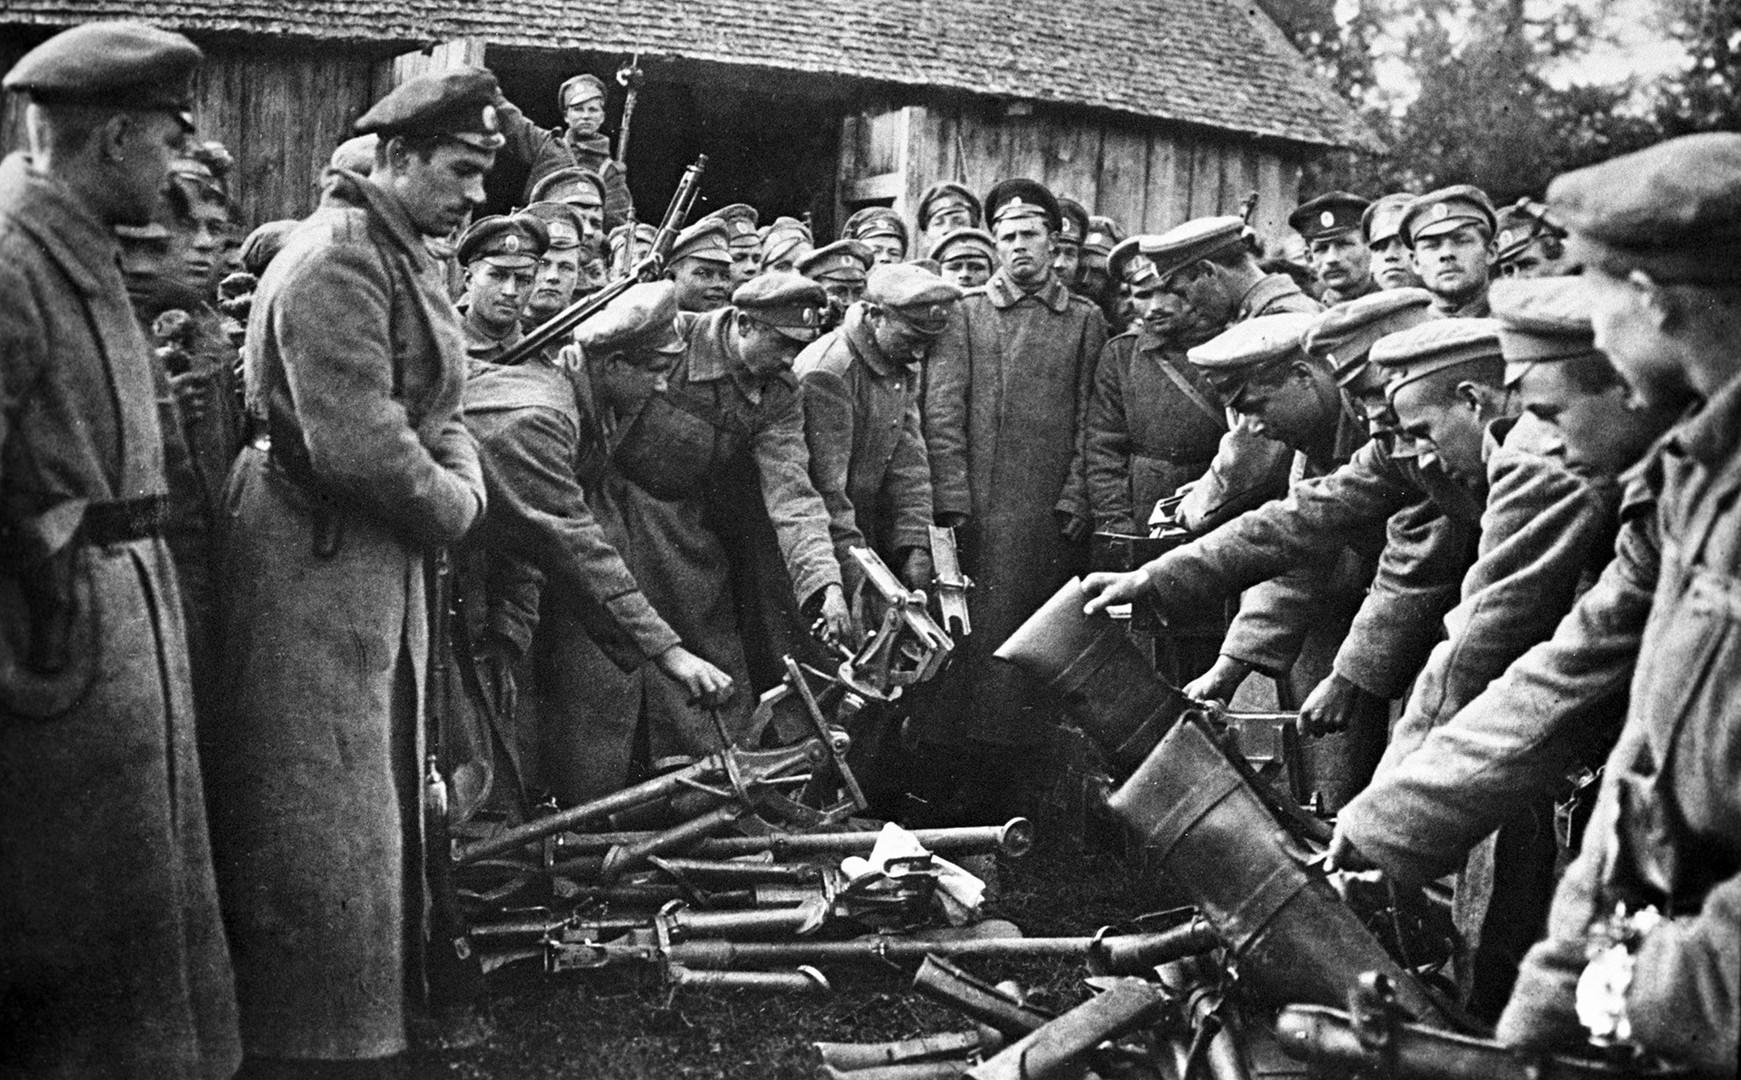 Vojaki generala Kornilova predajajo svoje orožje.